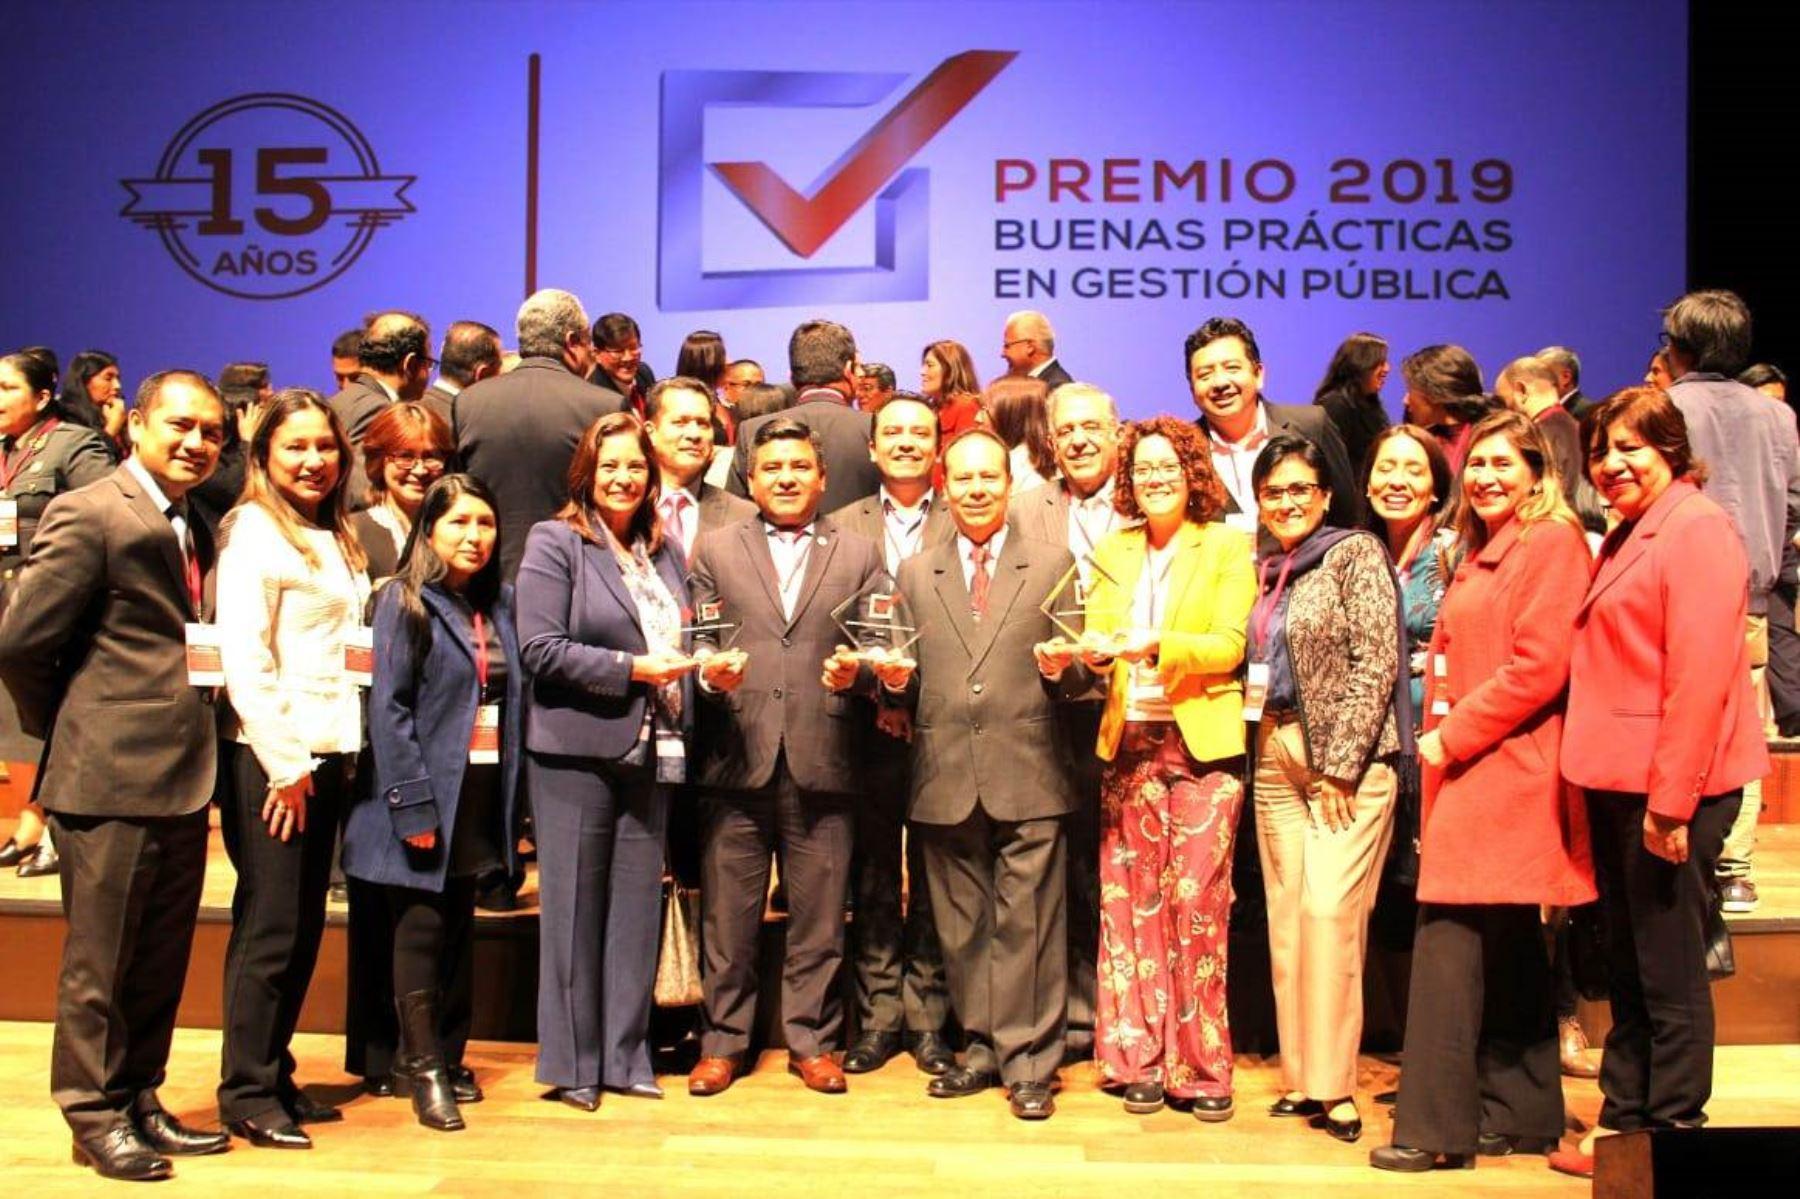 Midis obtiene 5 premios a las Buenas Prácticas en Gestión Pública 2019. Foto: ANDINA/Difusión.